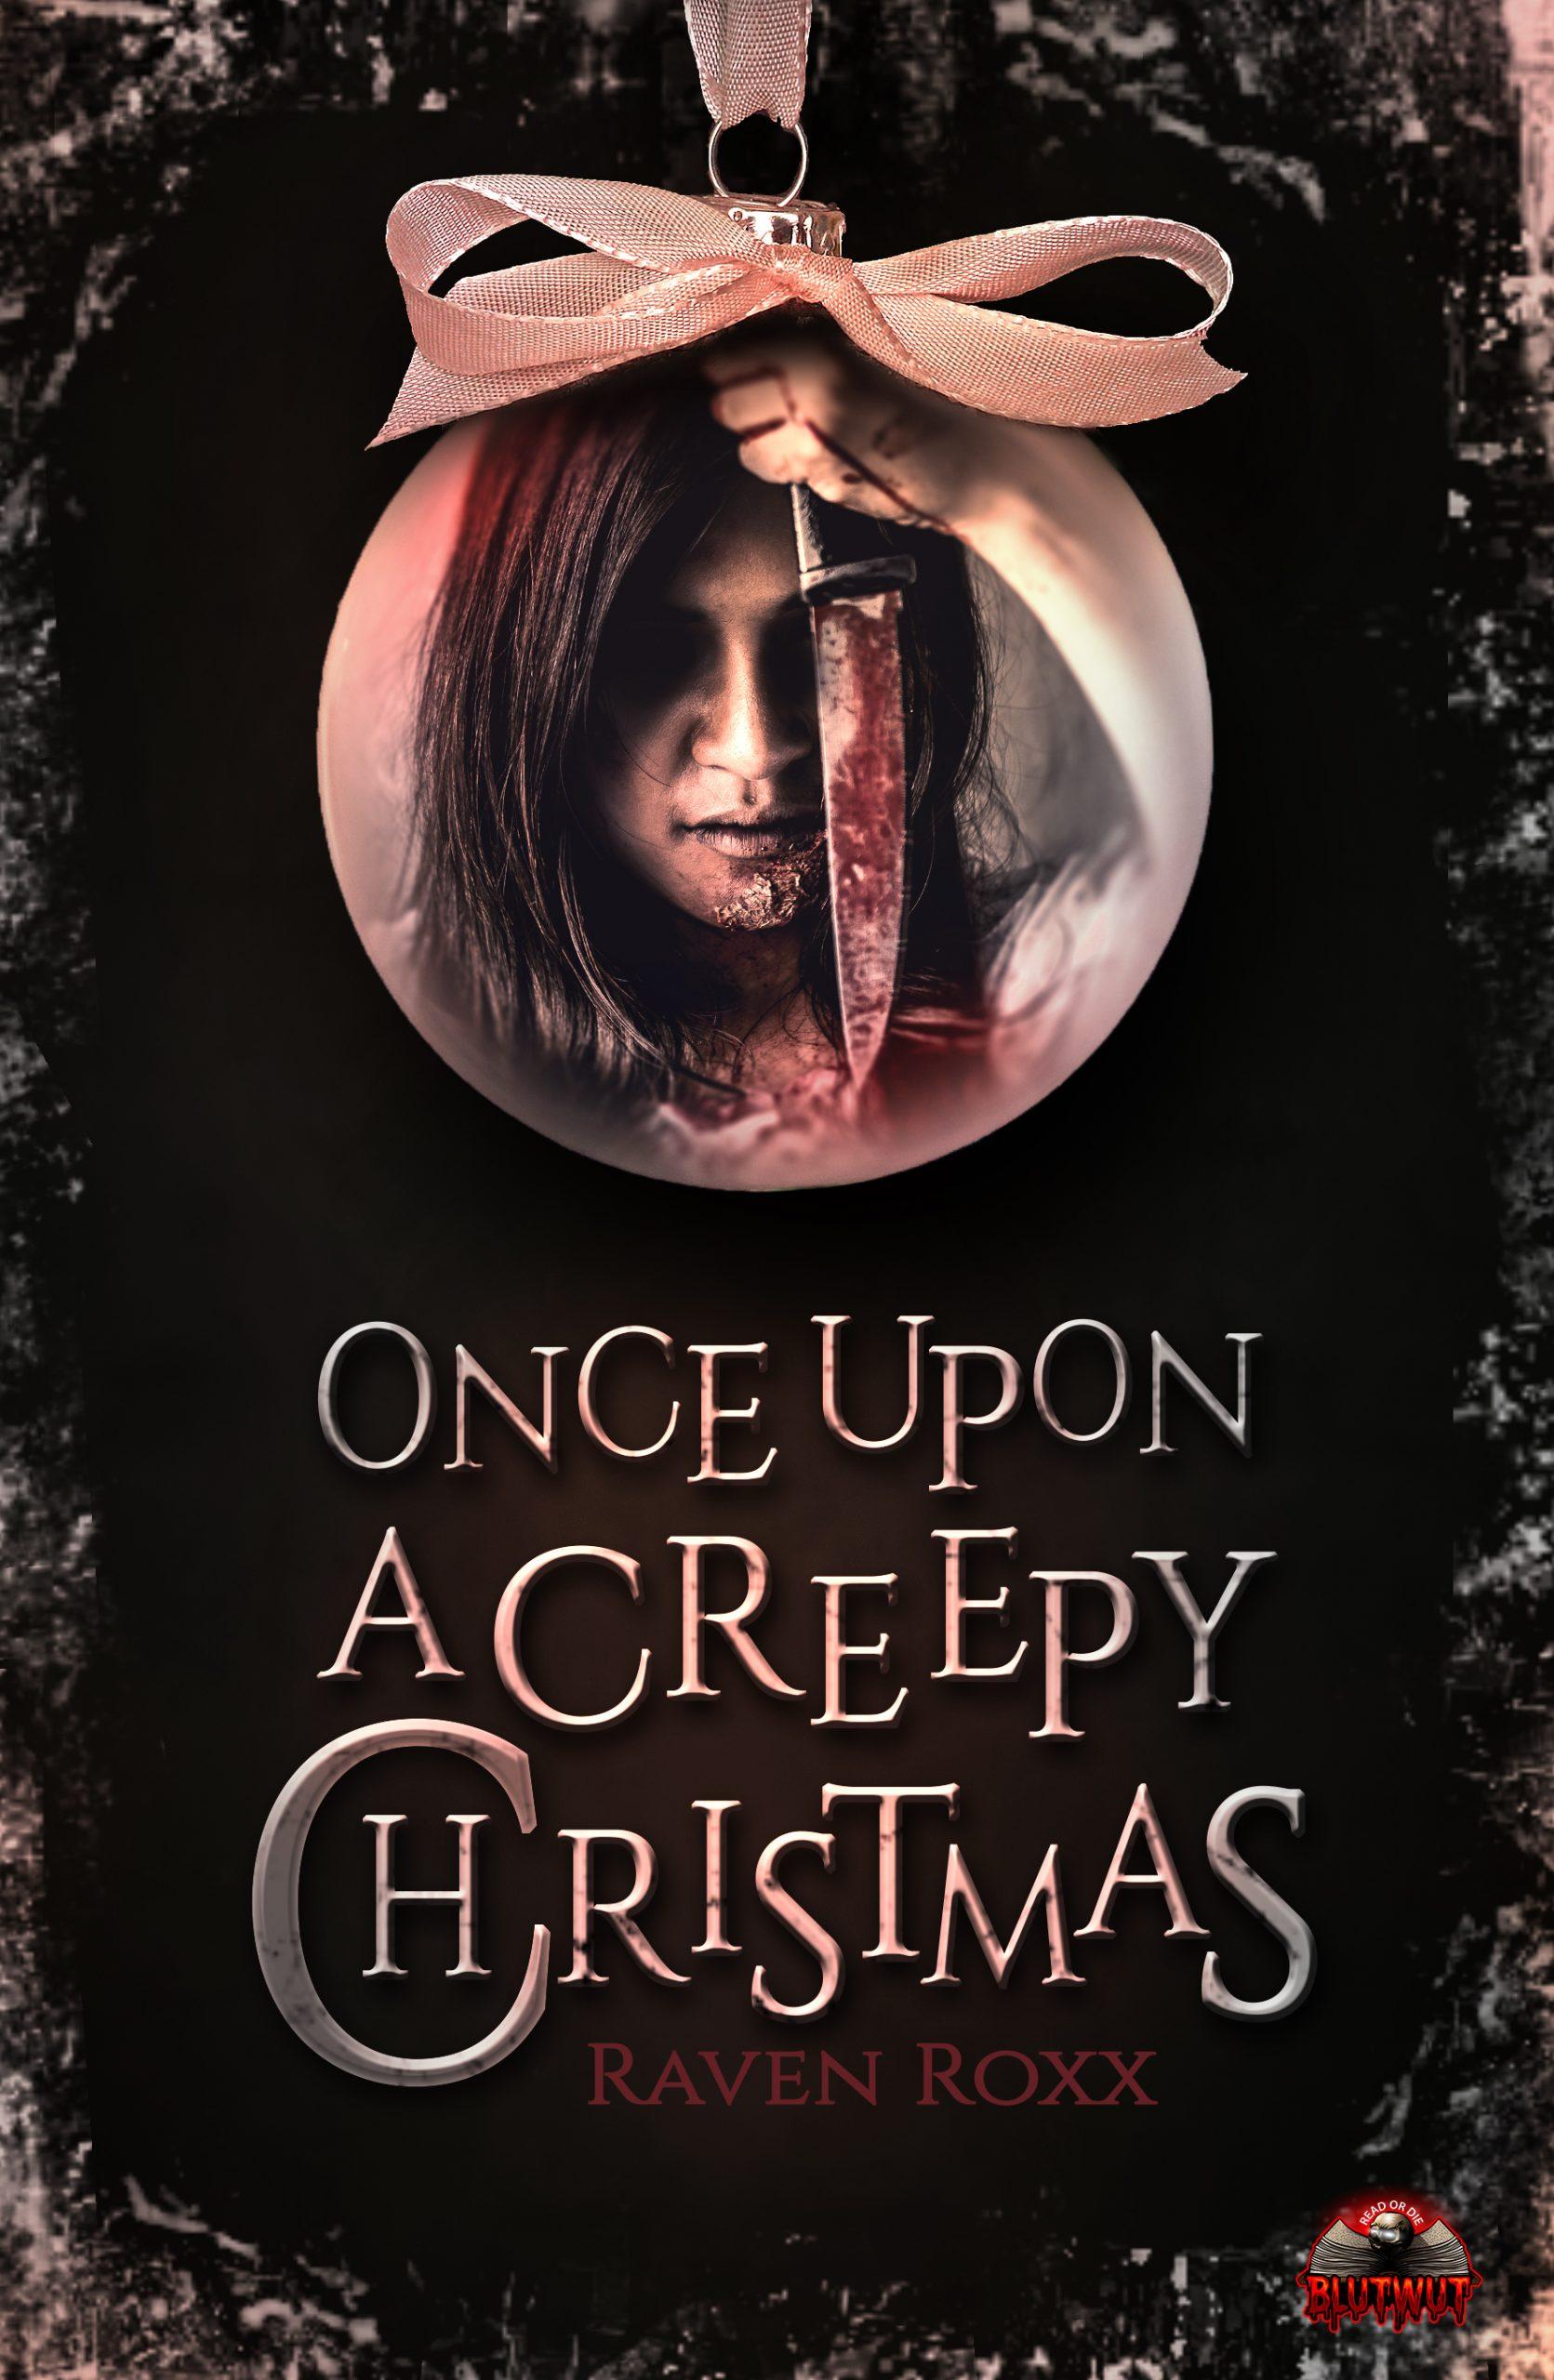 Once upon a creepy christmas